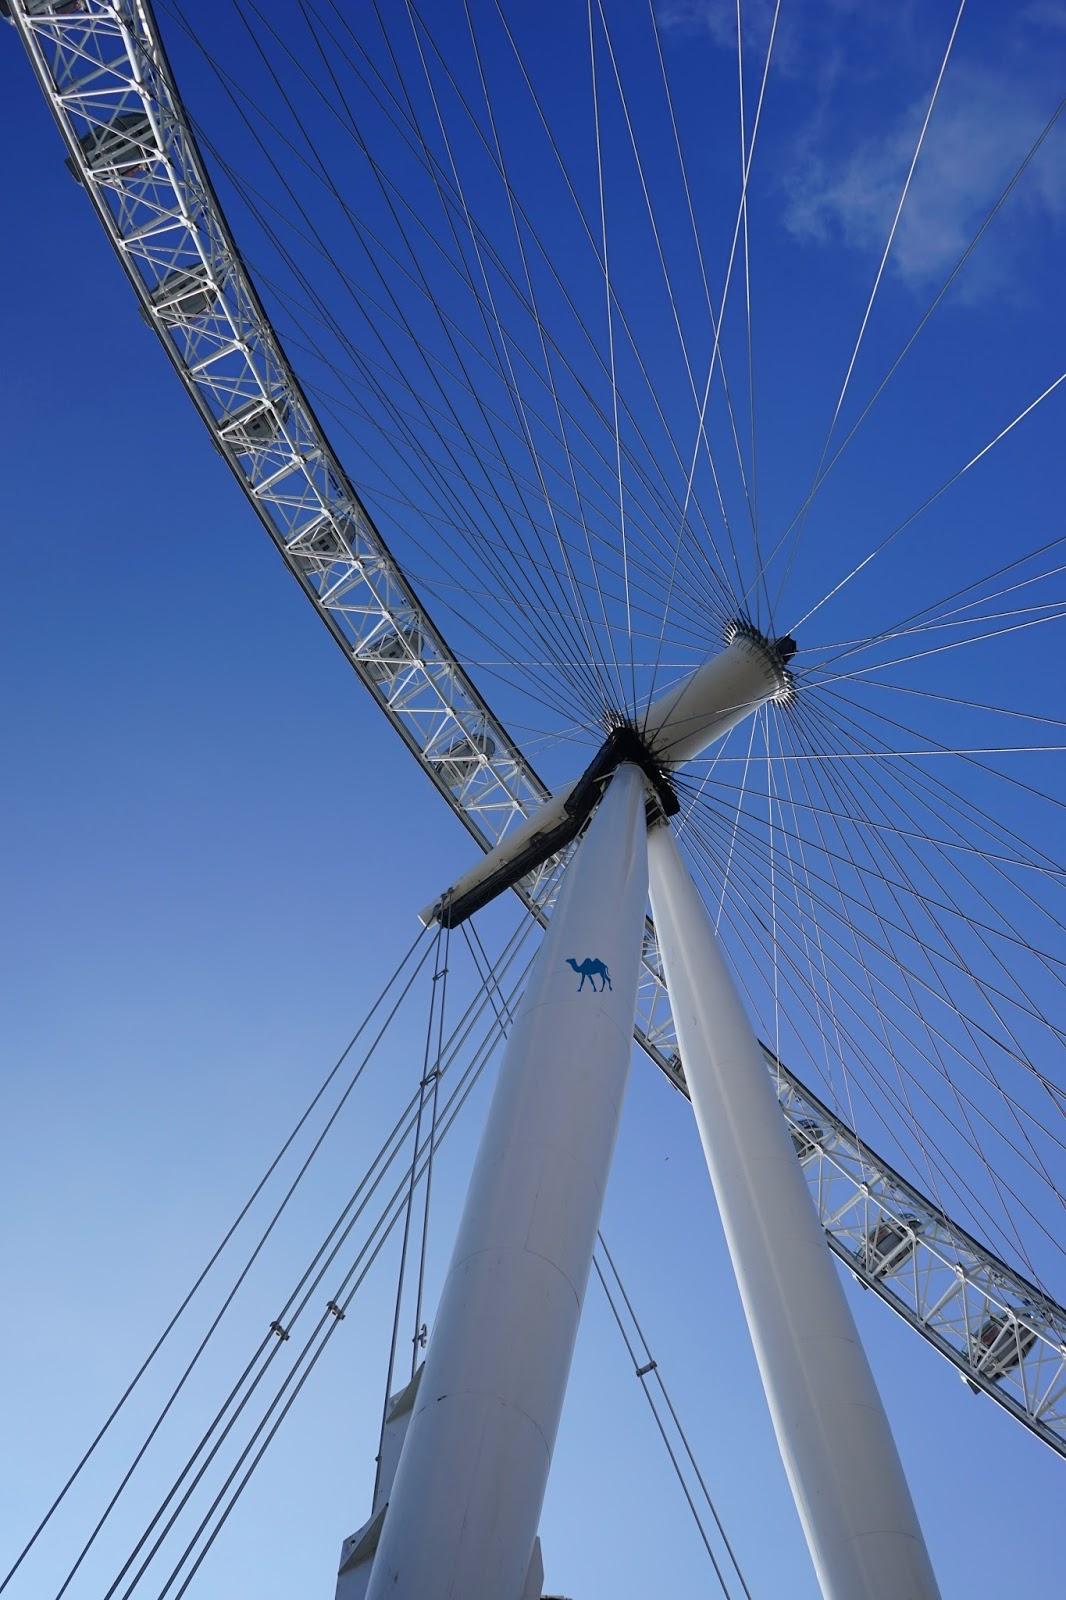 Le Chameau Bleu - La grande roue de Londres